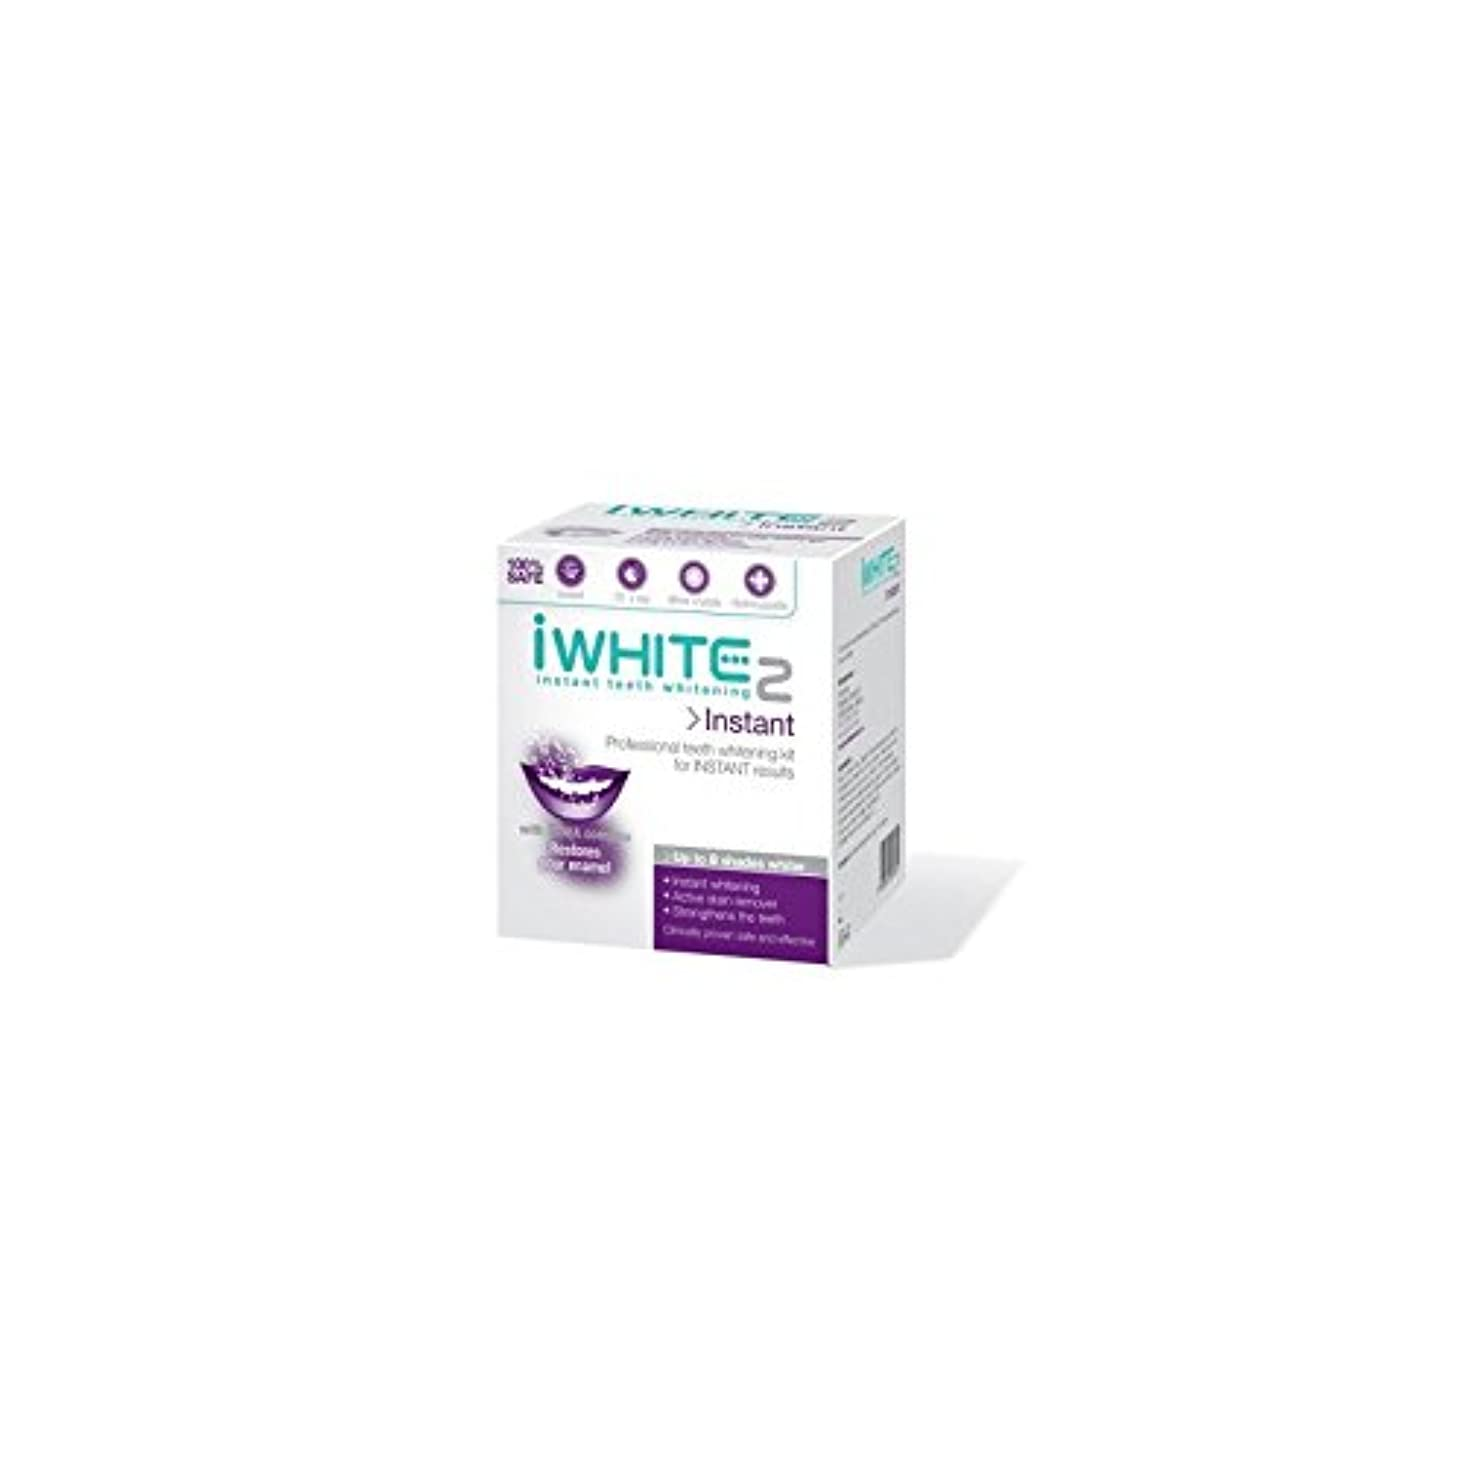 習熟度ハシー冷蔵庫iWhite Instant 2 Professional Teeth Whitening Kit (10 Trays) - インスタントキットを白く2本のプロ歯(10トレイ) [並行輸入品]